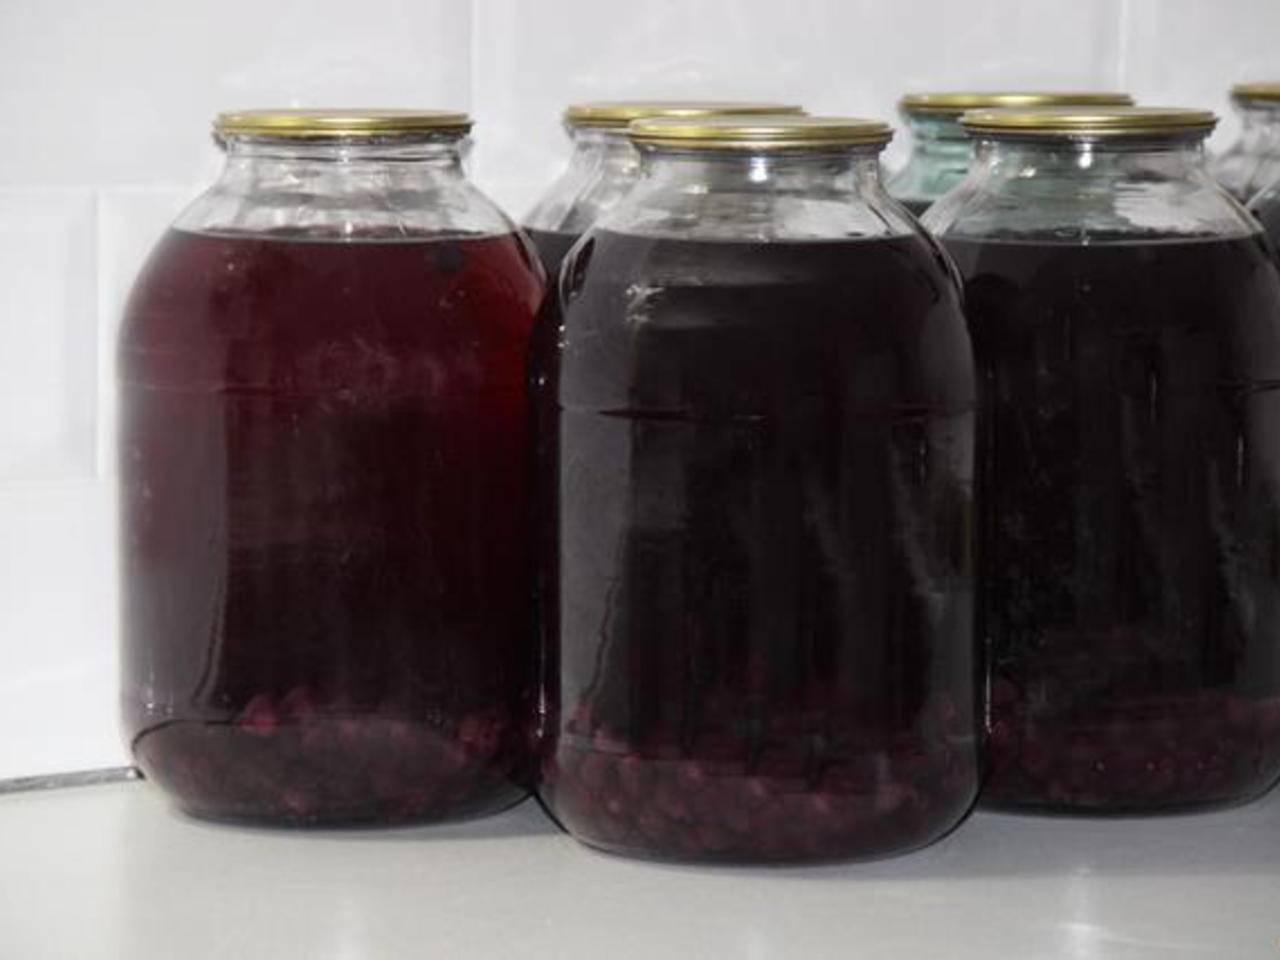 Компот из винограда на зиму на 3 литровую банку: рецепт с фото пошагово